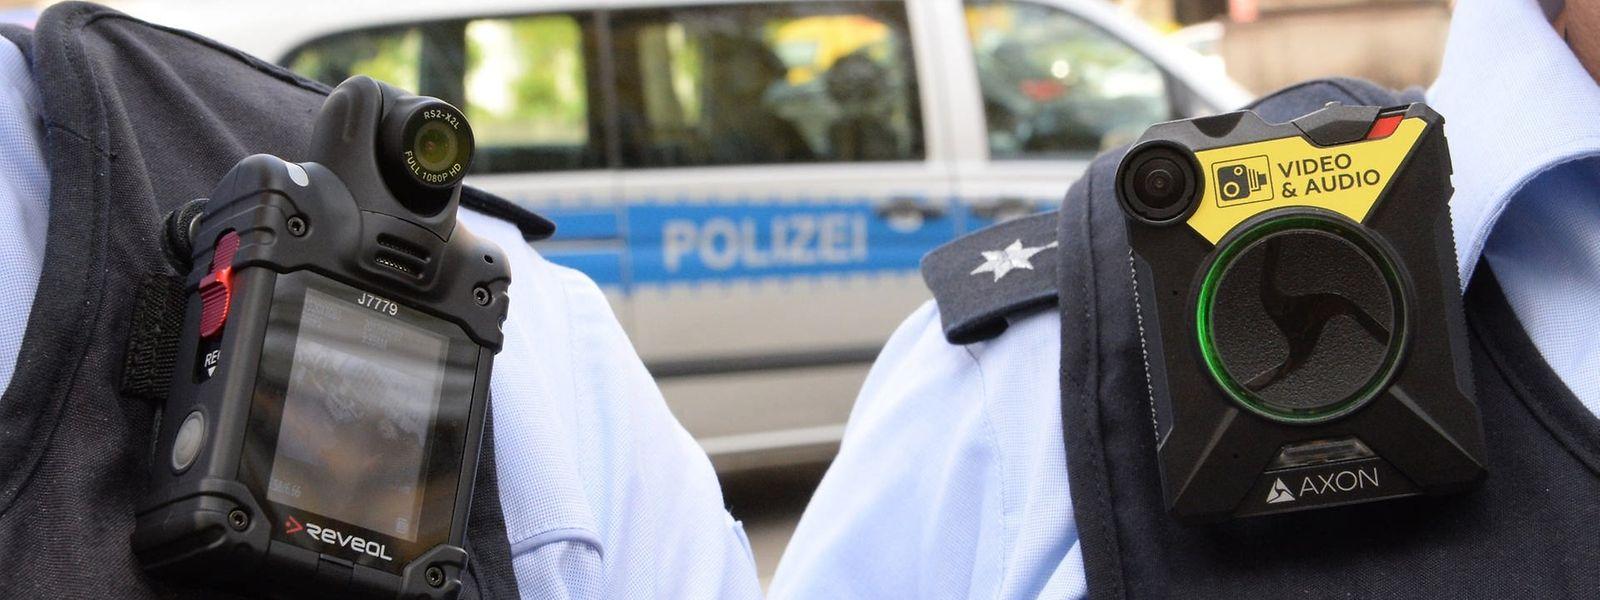 Dans le land allemand de la Sarre, les caméras piétons servent avant tout à dissuader, estime un représentant syndical.